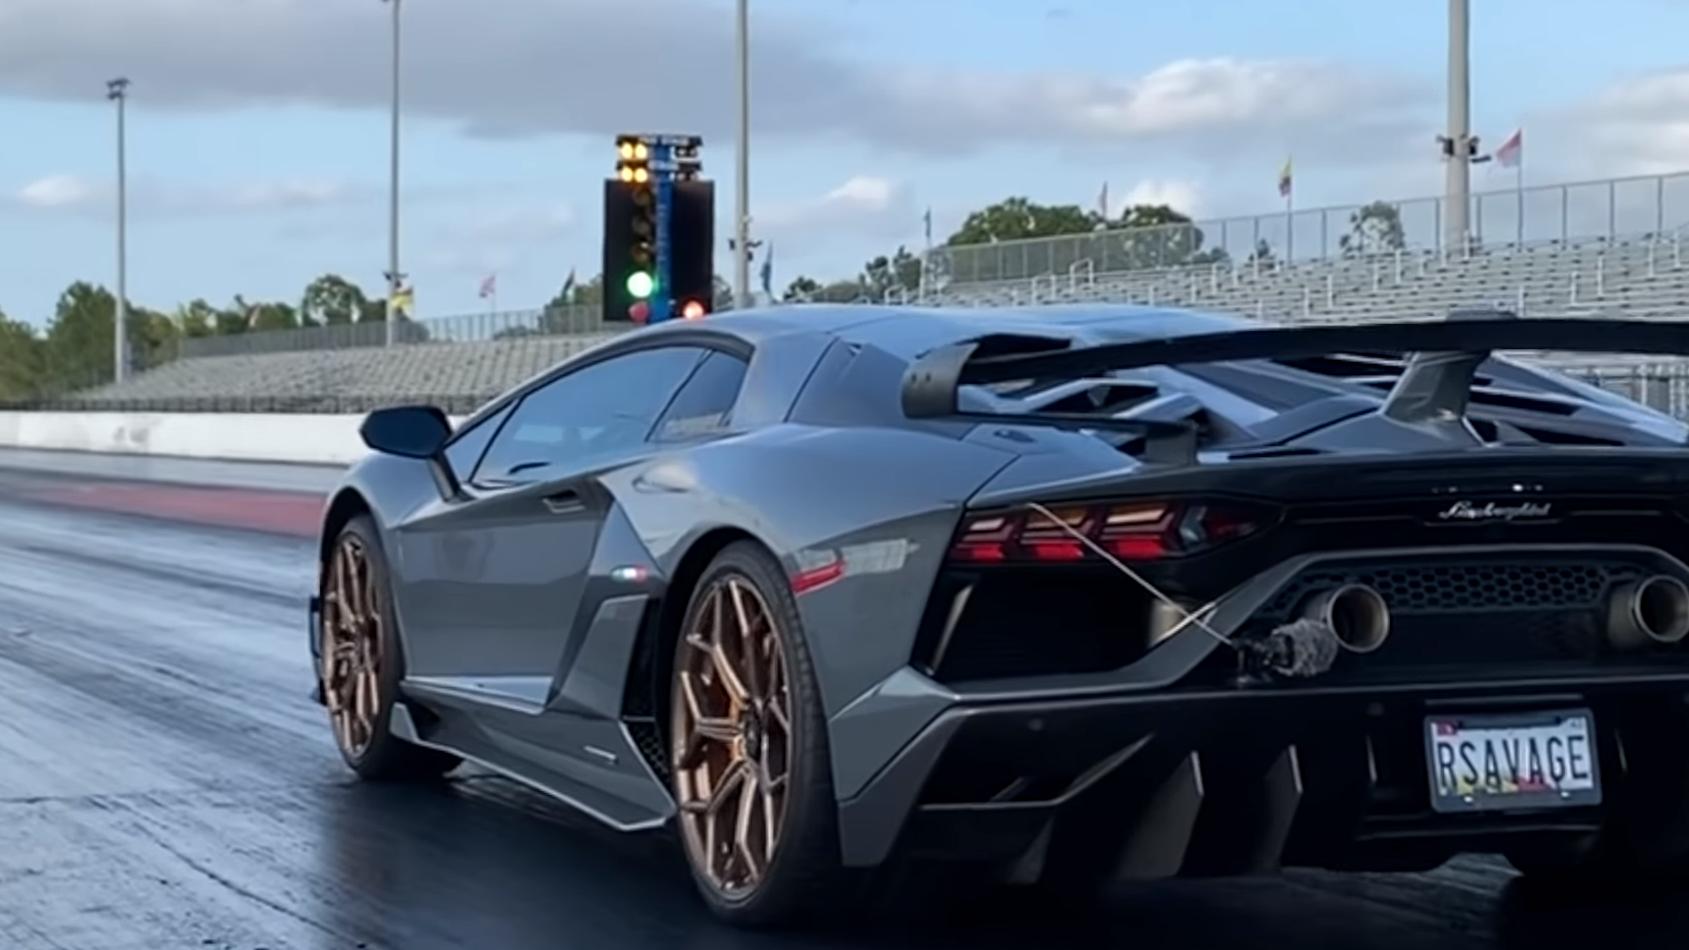 Lamborghini Aventador SVJ Wheelie